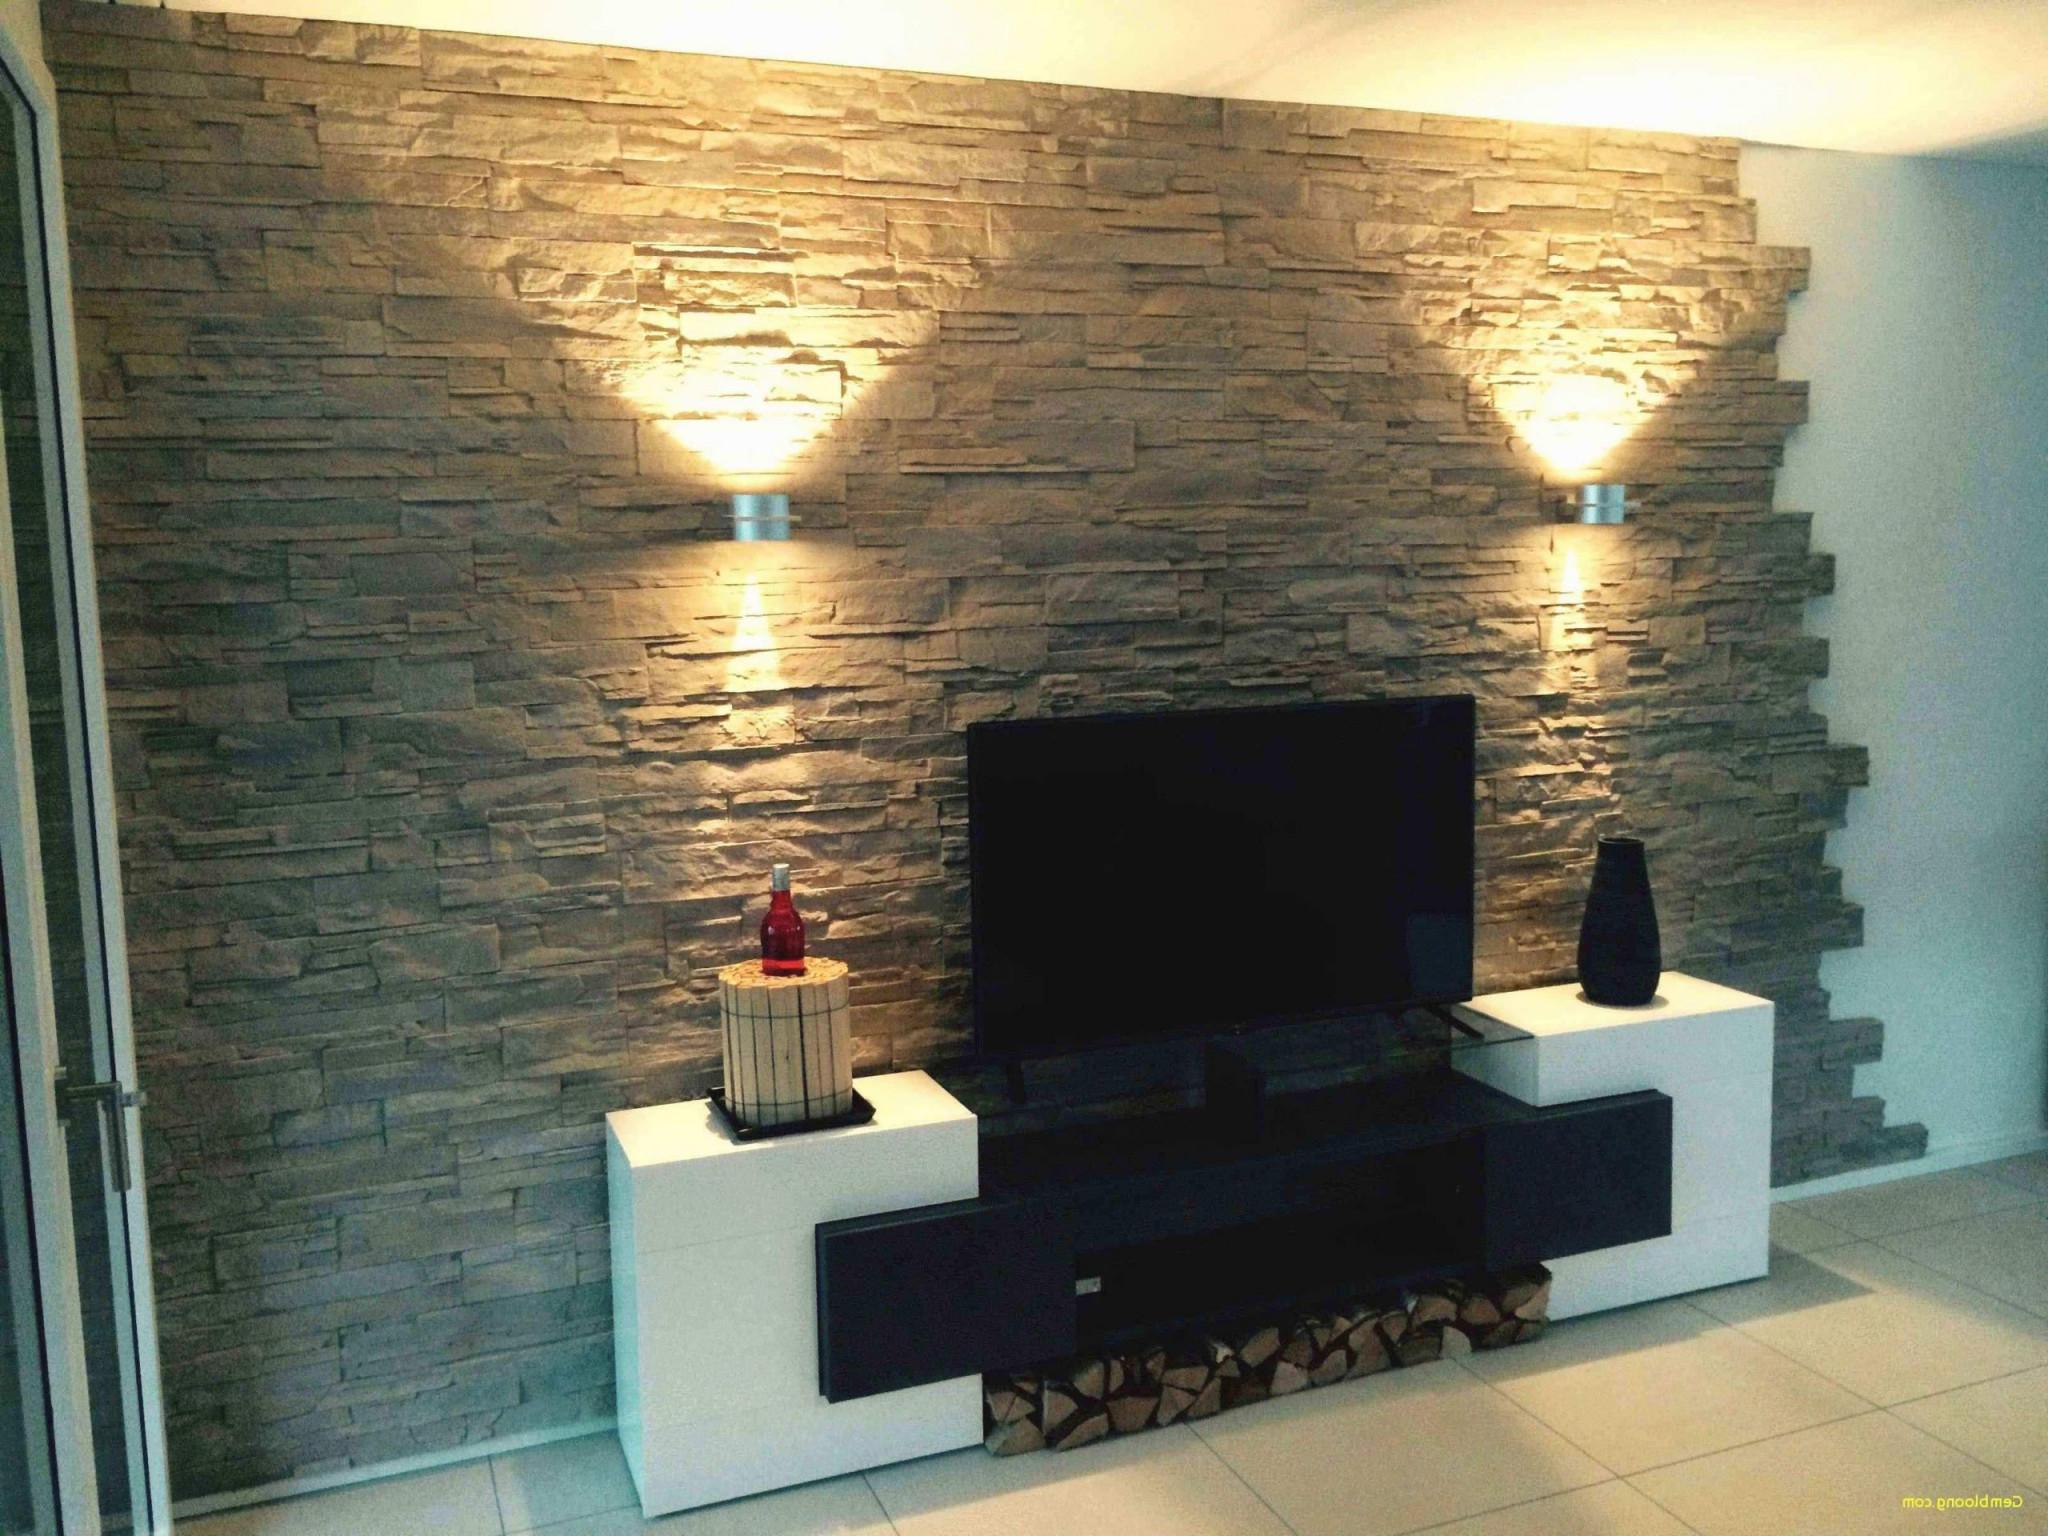 Wohnideen Wohnzimmer Modern Inspirierend Unique Wohnidee von Wohnideen Bilder Wohnzimmer Bild